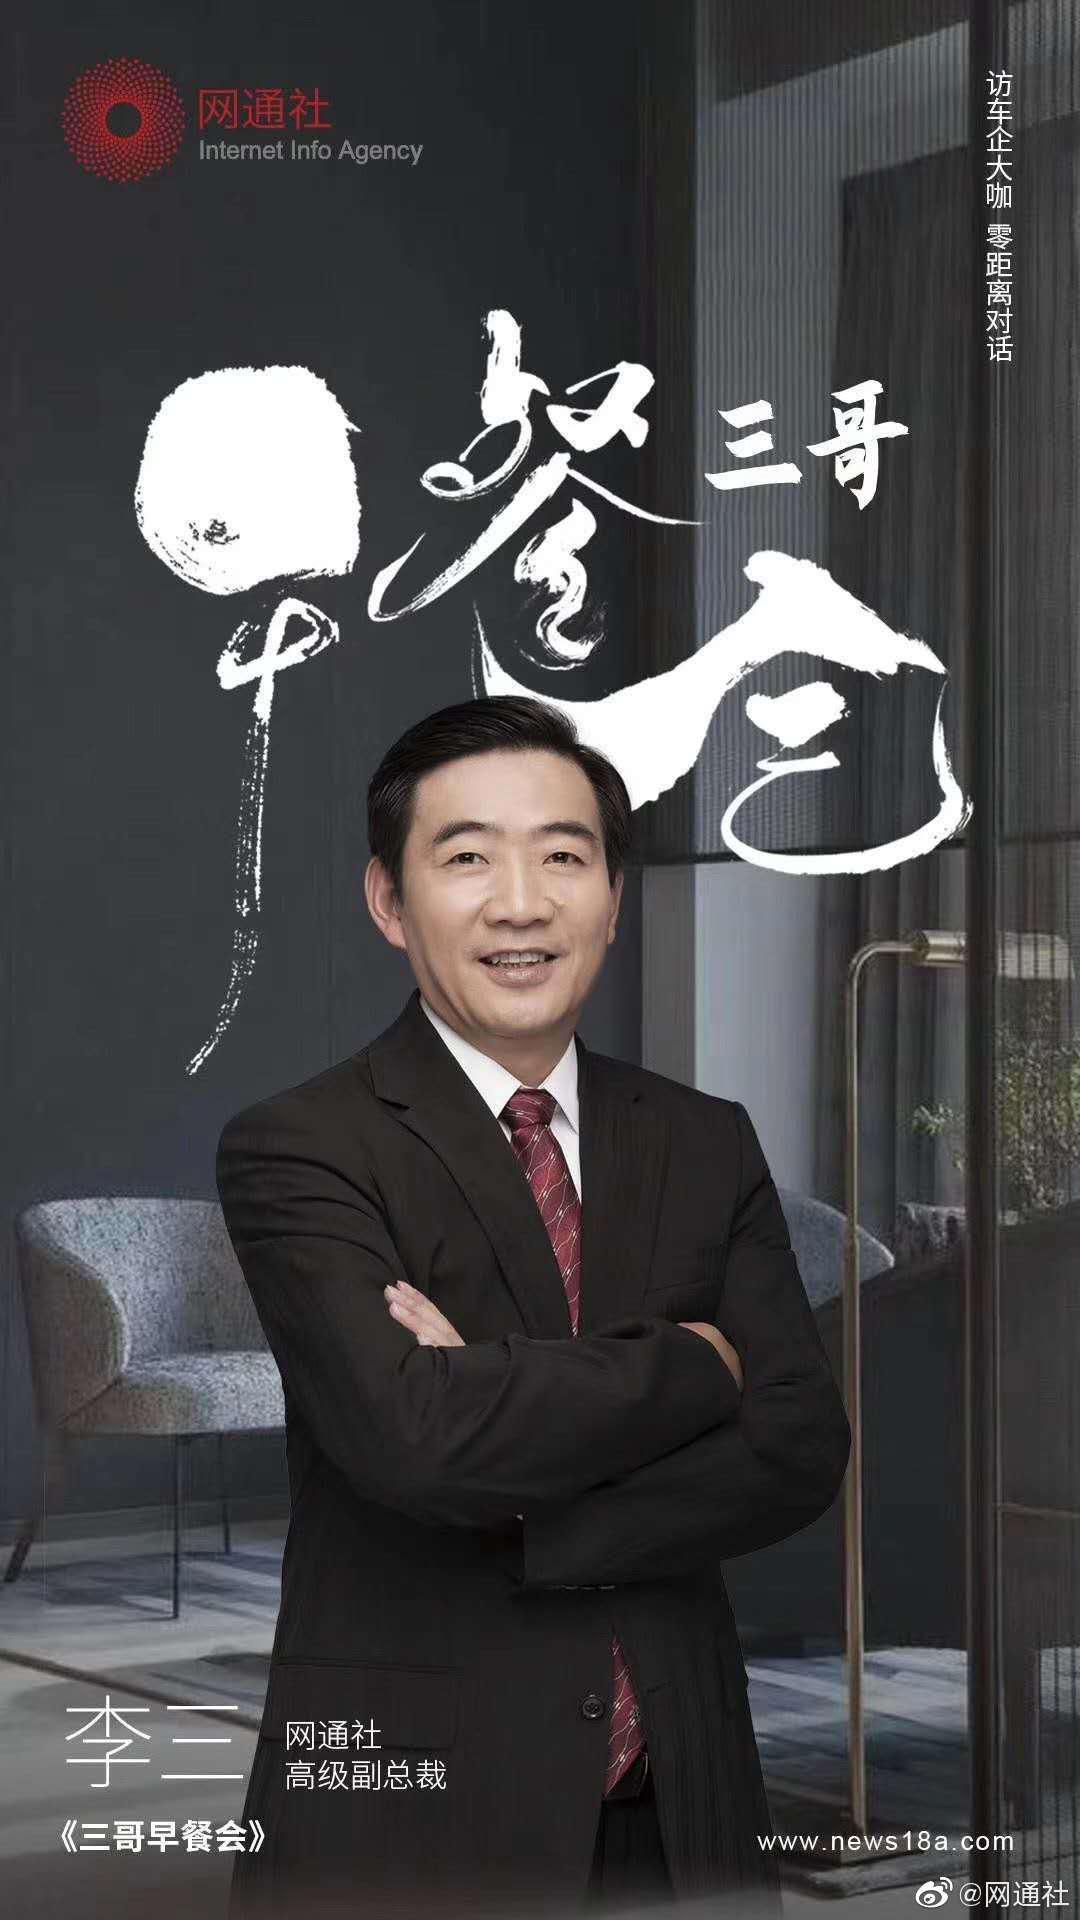 访车企大咖,零距离对话 网通社高级副总裁•李三老师重磅首作!